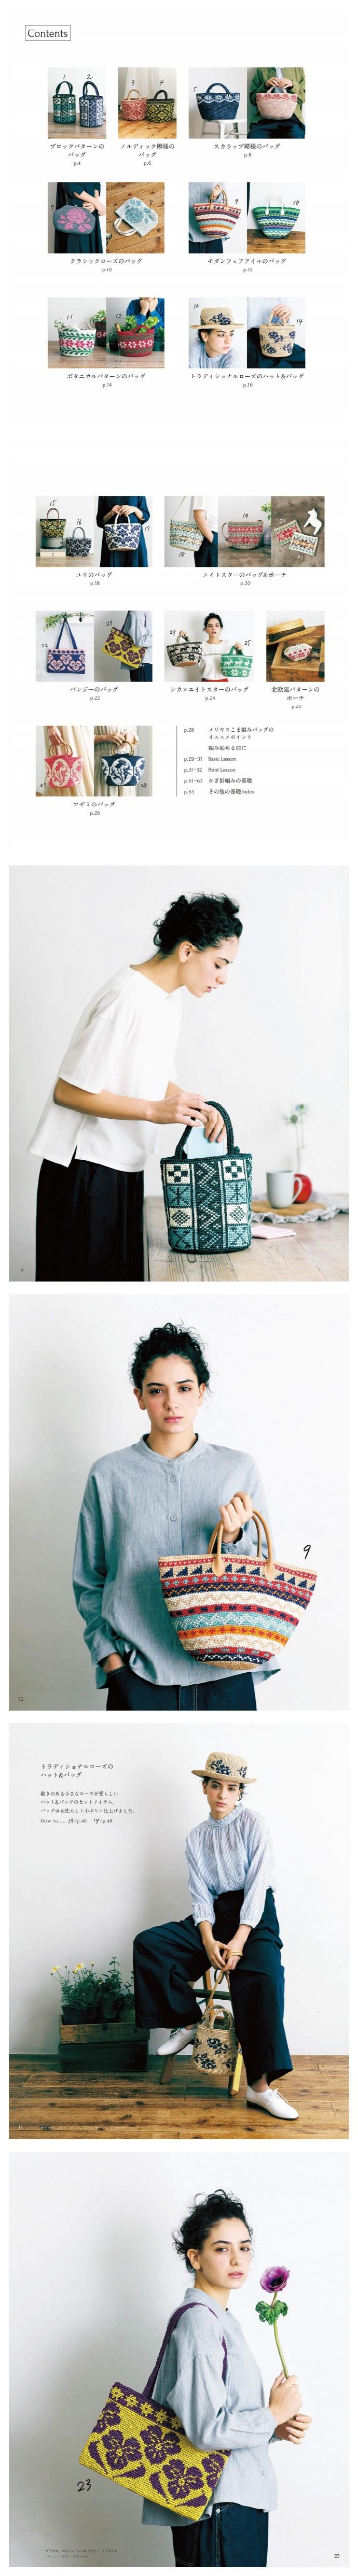 メリヤスこま編みのあみこみバッグ エコアンダリヤのかぎ針 도서 상세이미지